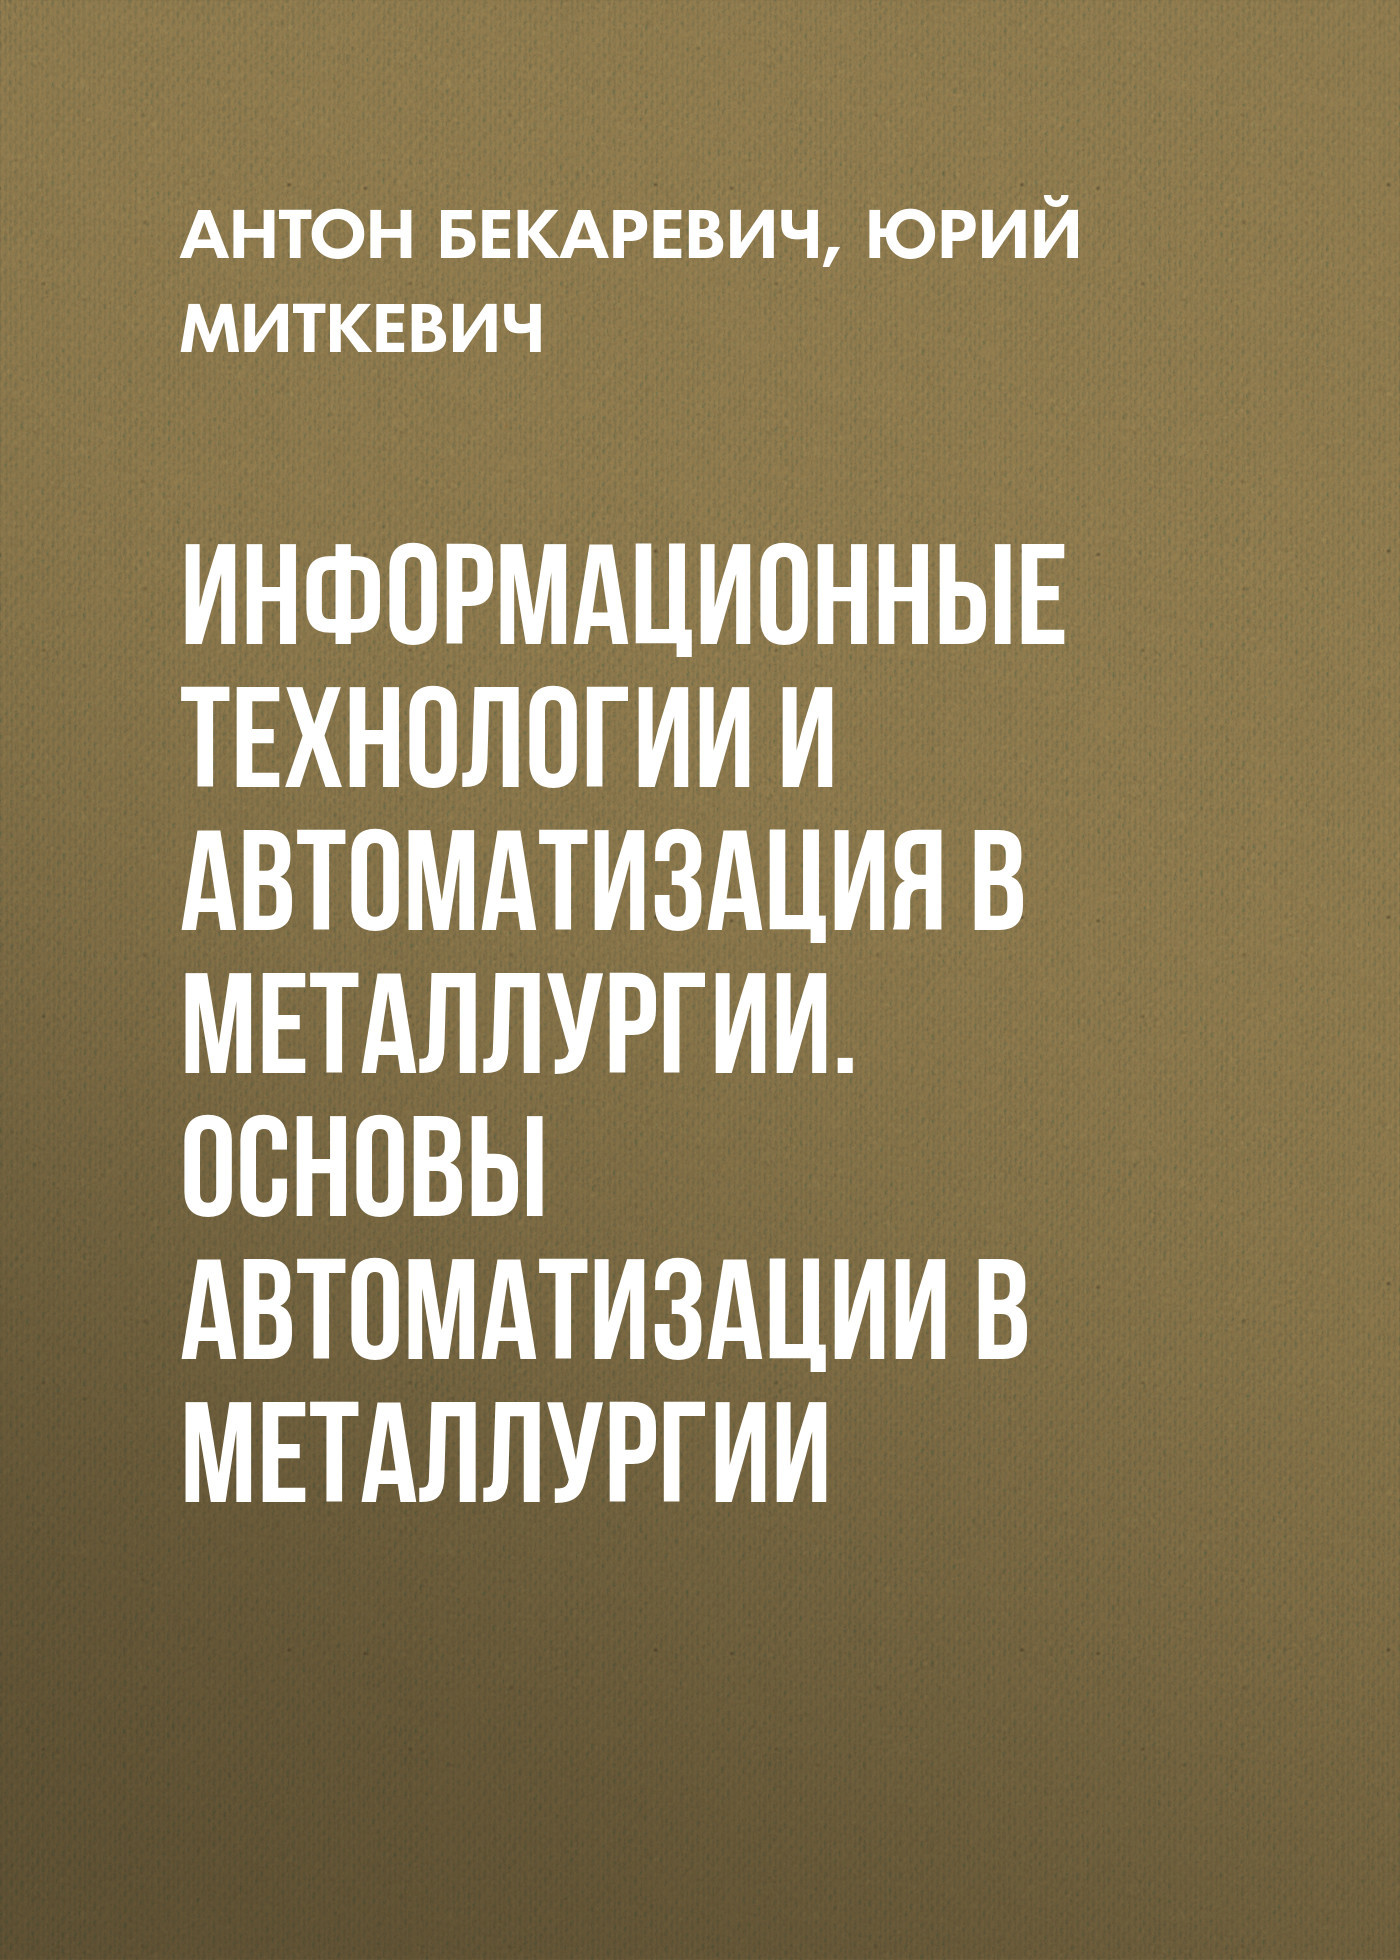 Юрий Миткевич Информационные технологии и автоматизация в металлургии. Основы автоматизации в металлургии оптимизация информационных процессов в асу